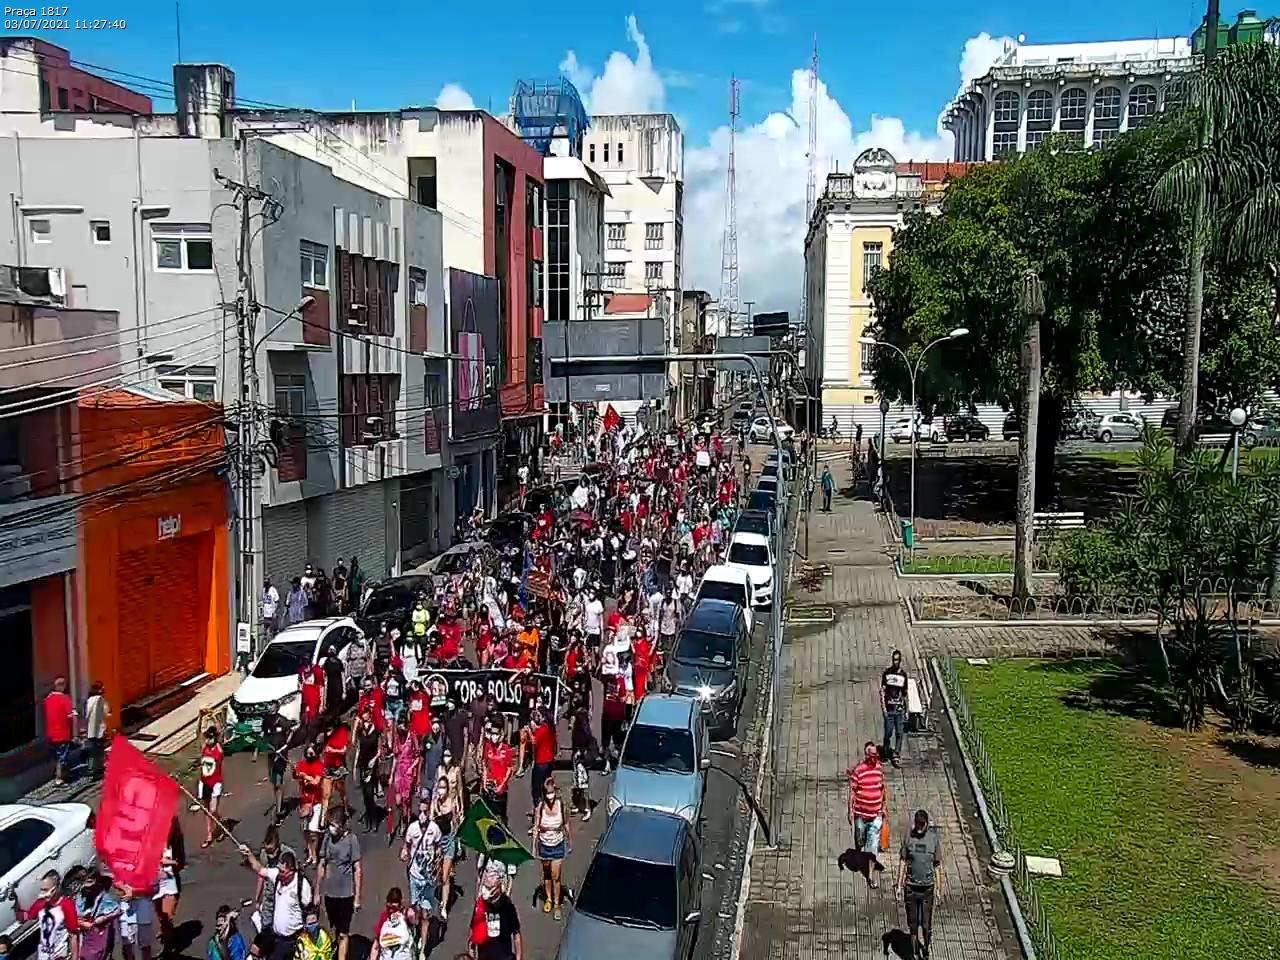 WhatsApp Image 2021 07 03 at 11.36.05 - Manifestantes protestam contra Bolsonaro e pedem impeachment do presidente em João Pessoa - VEJA IMAGENS